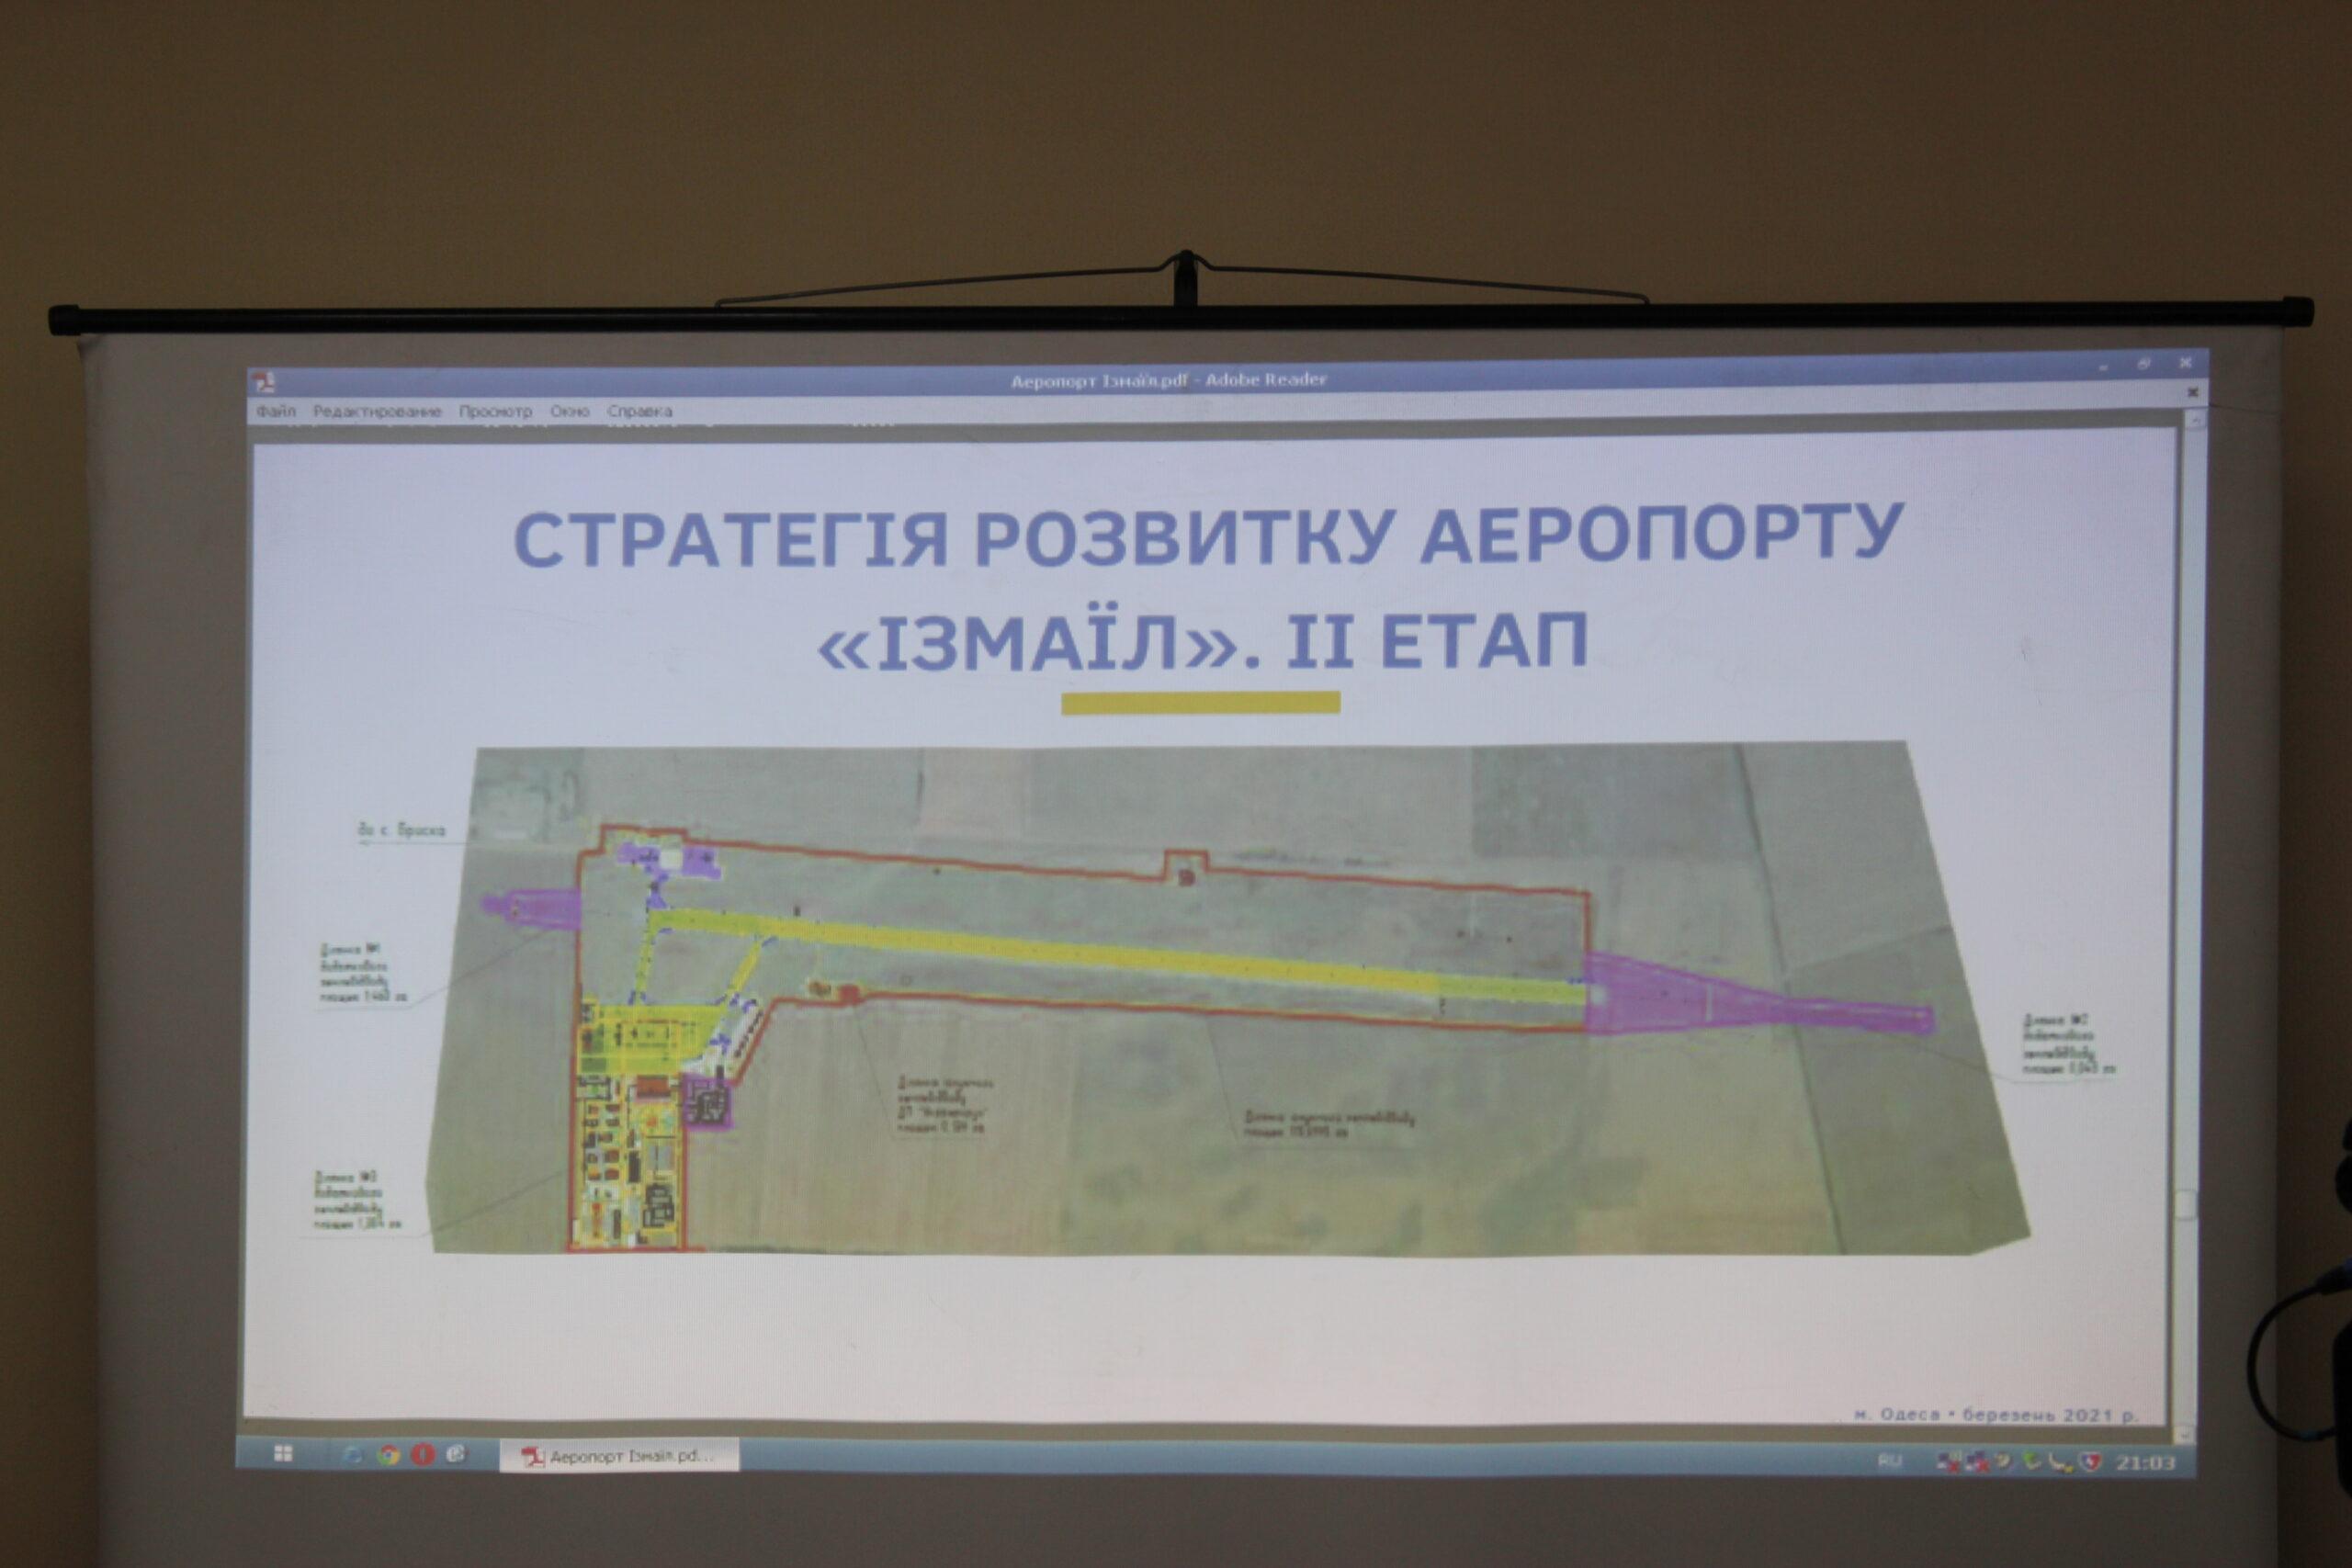 Проект реконструкции и сертификации аэропорта в Измаиле оценили в 2,05 млрд грн. Когда возможен запуск объекта?